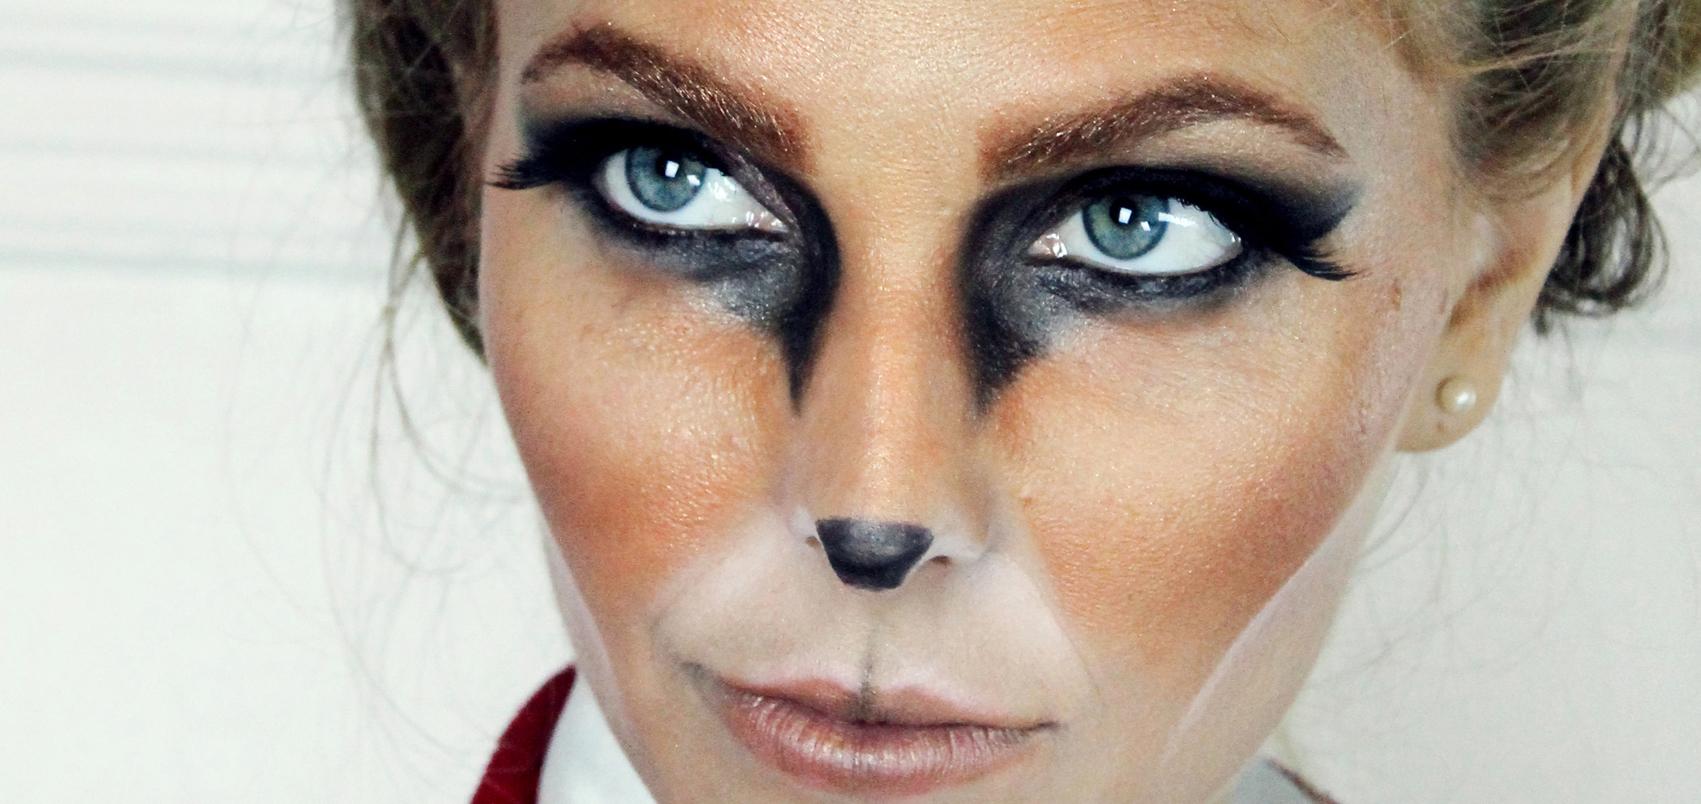 Hair Makeup Styling Thedarclaud - Fox-makeup